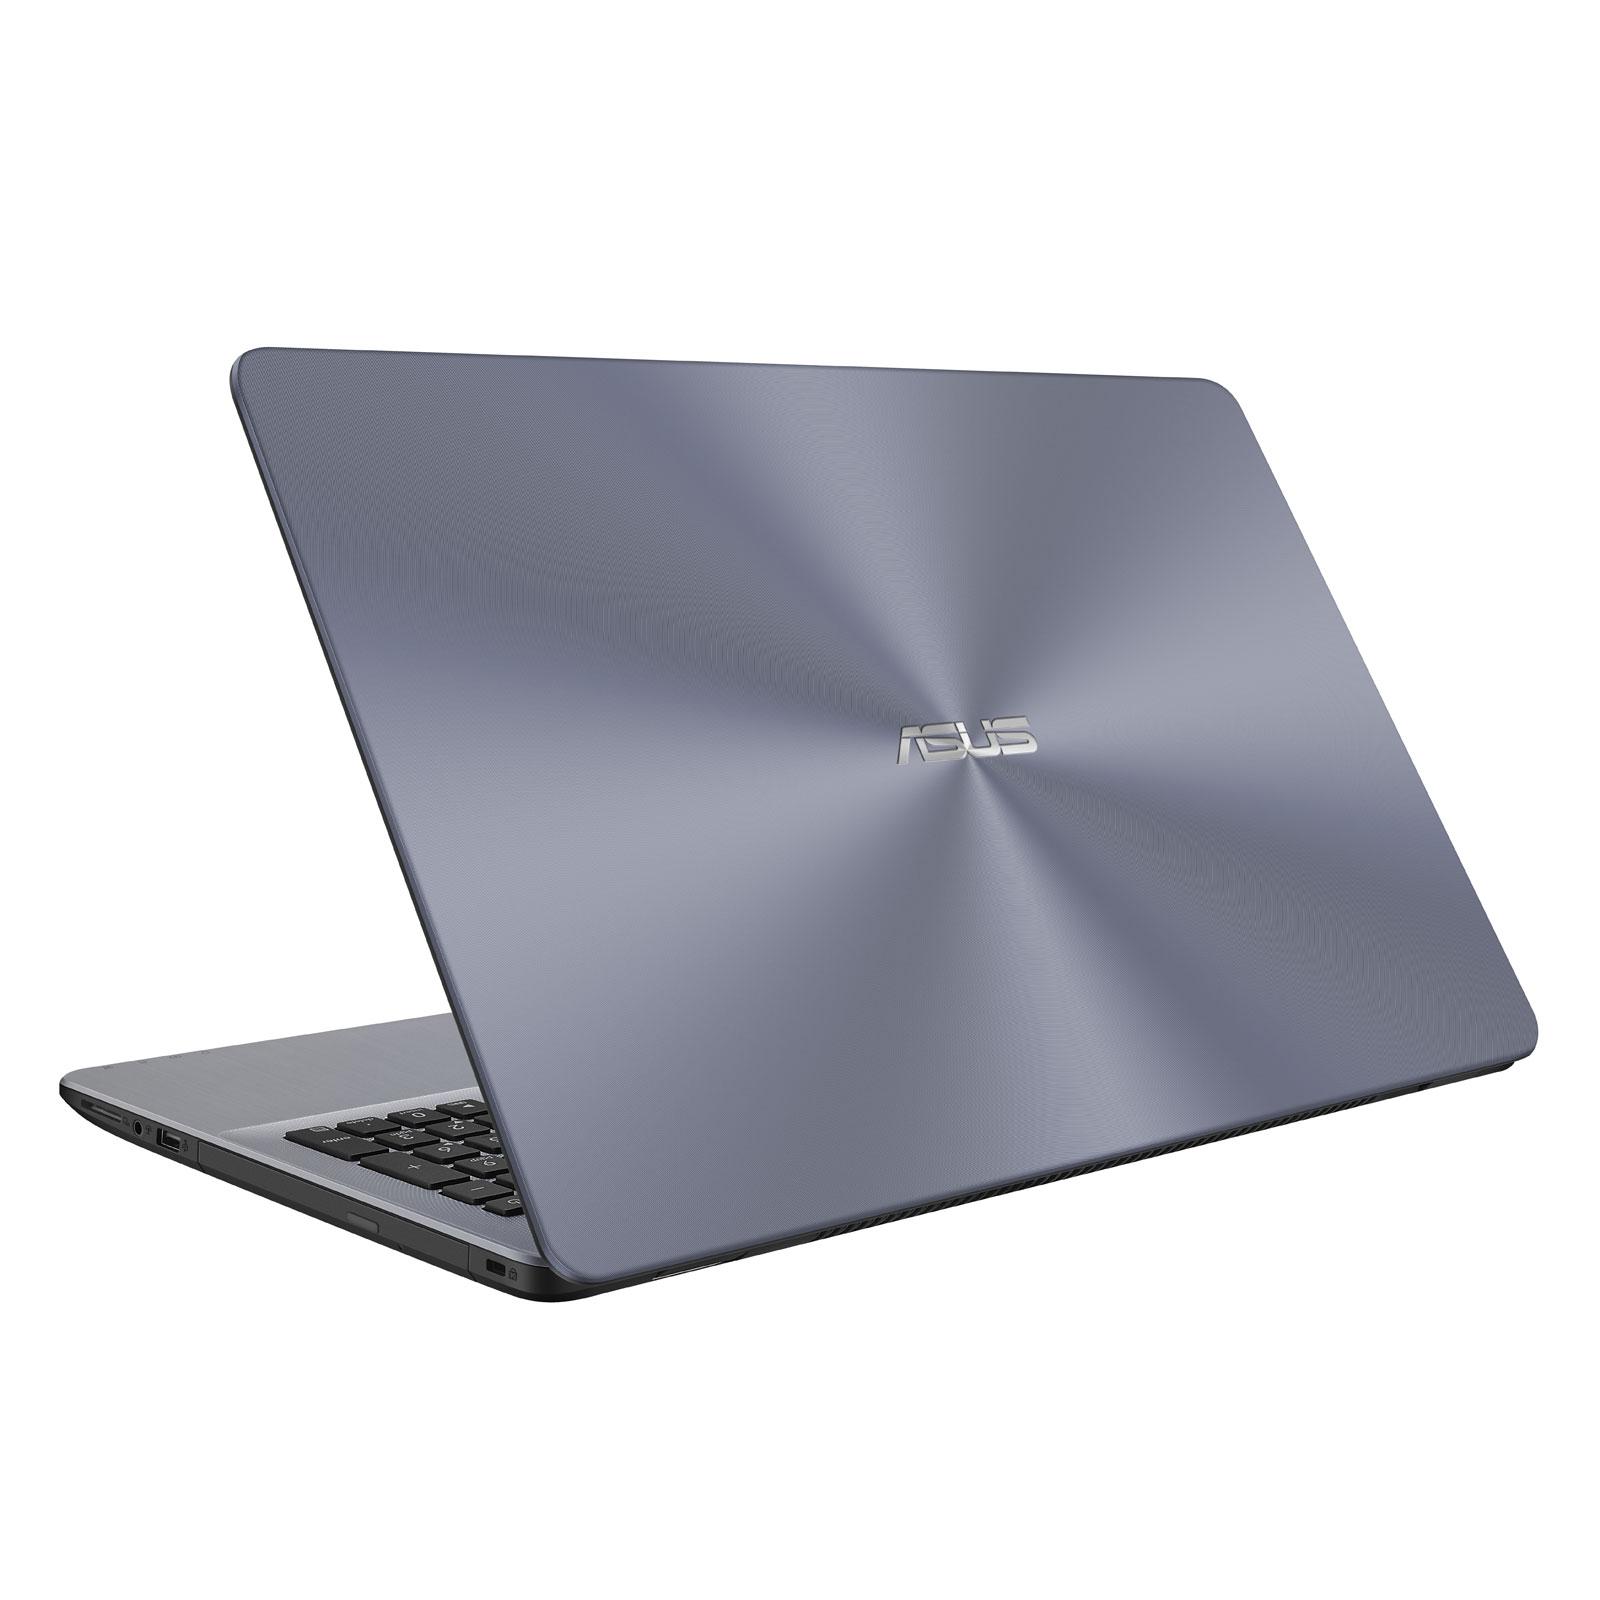 Asus 90NB0F22-M08110 - PC portable Asus - Cybertek.fr - 1